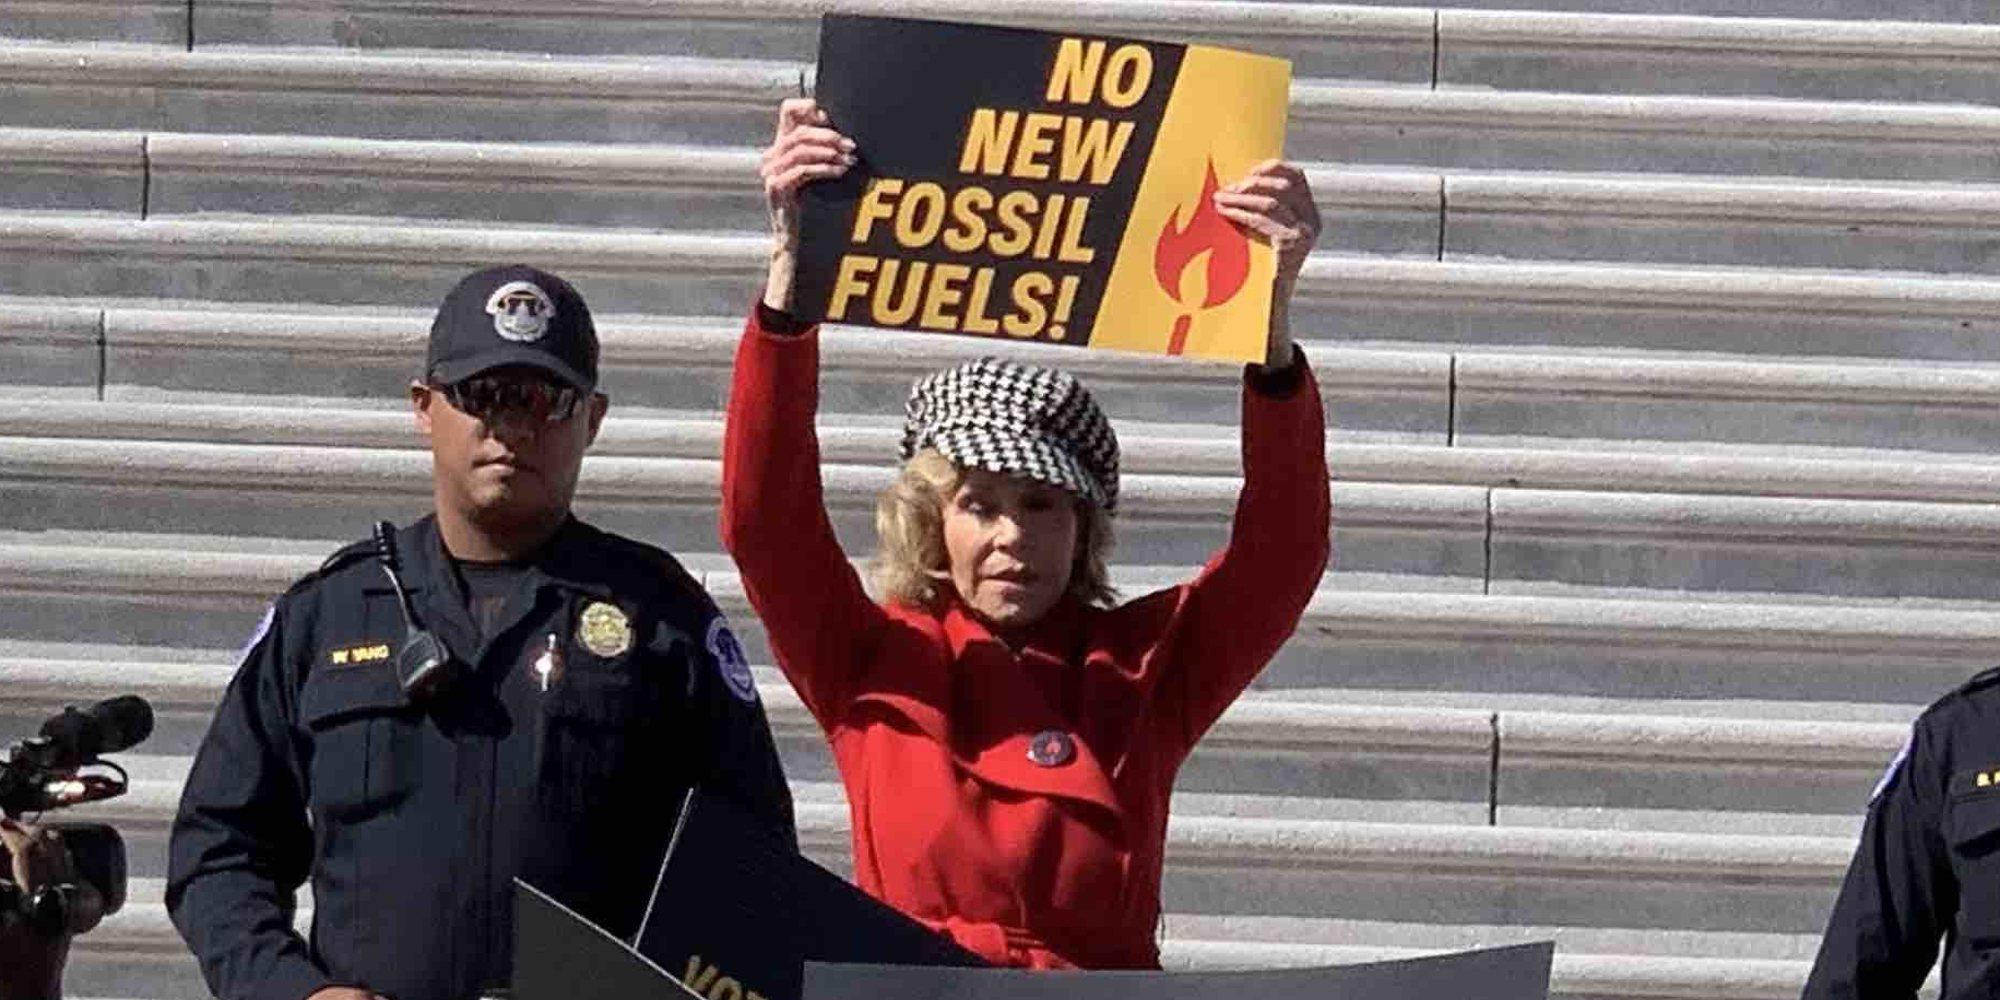 Jane Fonda, detenida de nuevo por su lucha contra el cambio climático